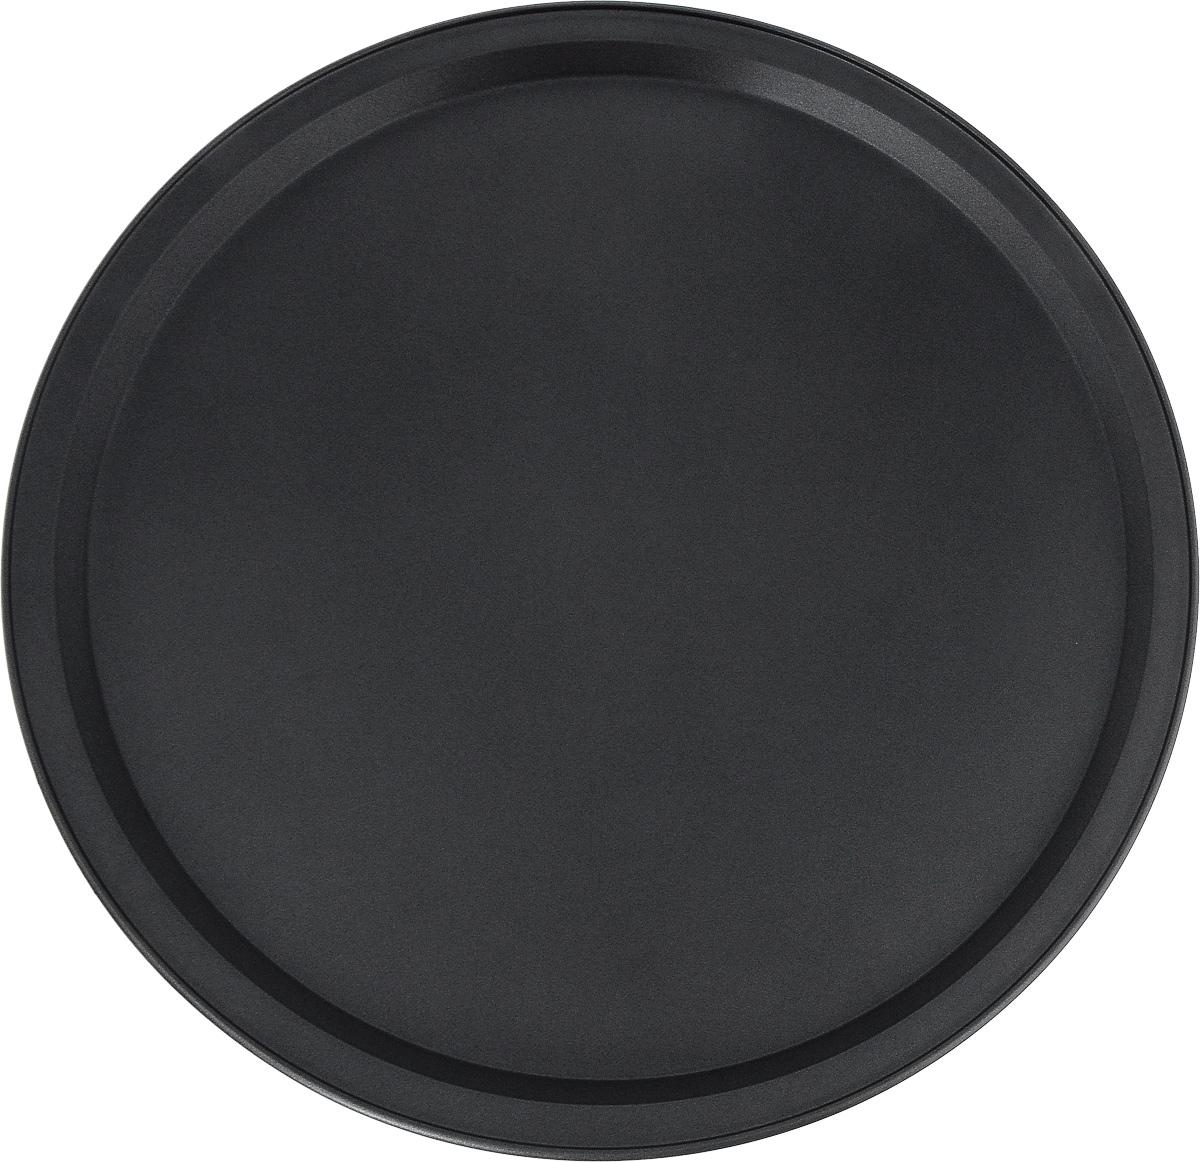 Форма для пиццы Termico Classico, с антипригарным покрытием, диаметр 33 см68/5/3Круглая форма для пиццы Termico Classico изготовлена из углеродистой стали с антипригарным покрытием. Покрытие экологичное и безопасное для здоровья, оно не содержит примеси PFOA, свинца и кадмия. Благодаря антипригарному покрытию нет необходимости использовать подсолнечное масло. Пища не пригорает и не прилипает к стенкам, легко достается из формы, сохраняя при этом аккуратный внешний вид. Изделие прослужит долго и обеспечит легкое и удобное приготовление вашей любимой пиццы. Можно использовать в духовом шкафу при температуре до 250°С. Внутренний диаметр формы: 30,5 см.Размер формы с учетом ручек: 33 х 33 х 1,8 см.